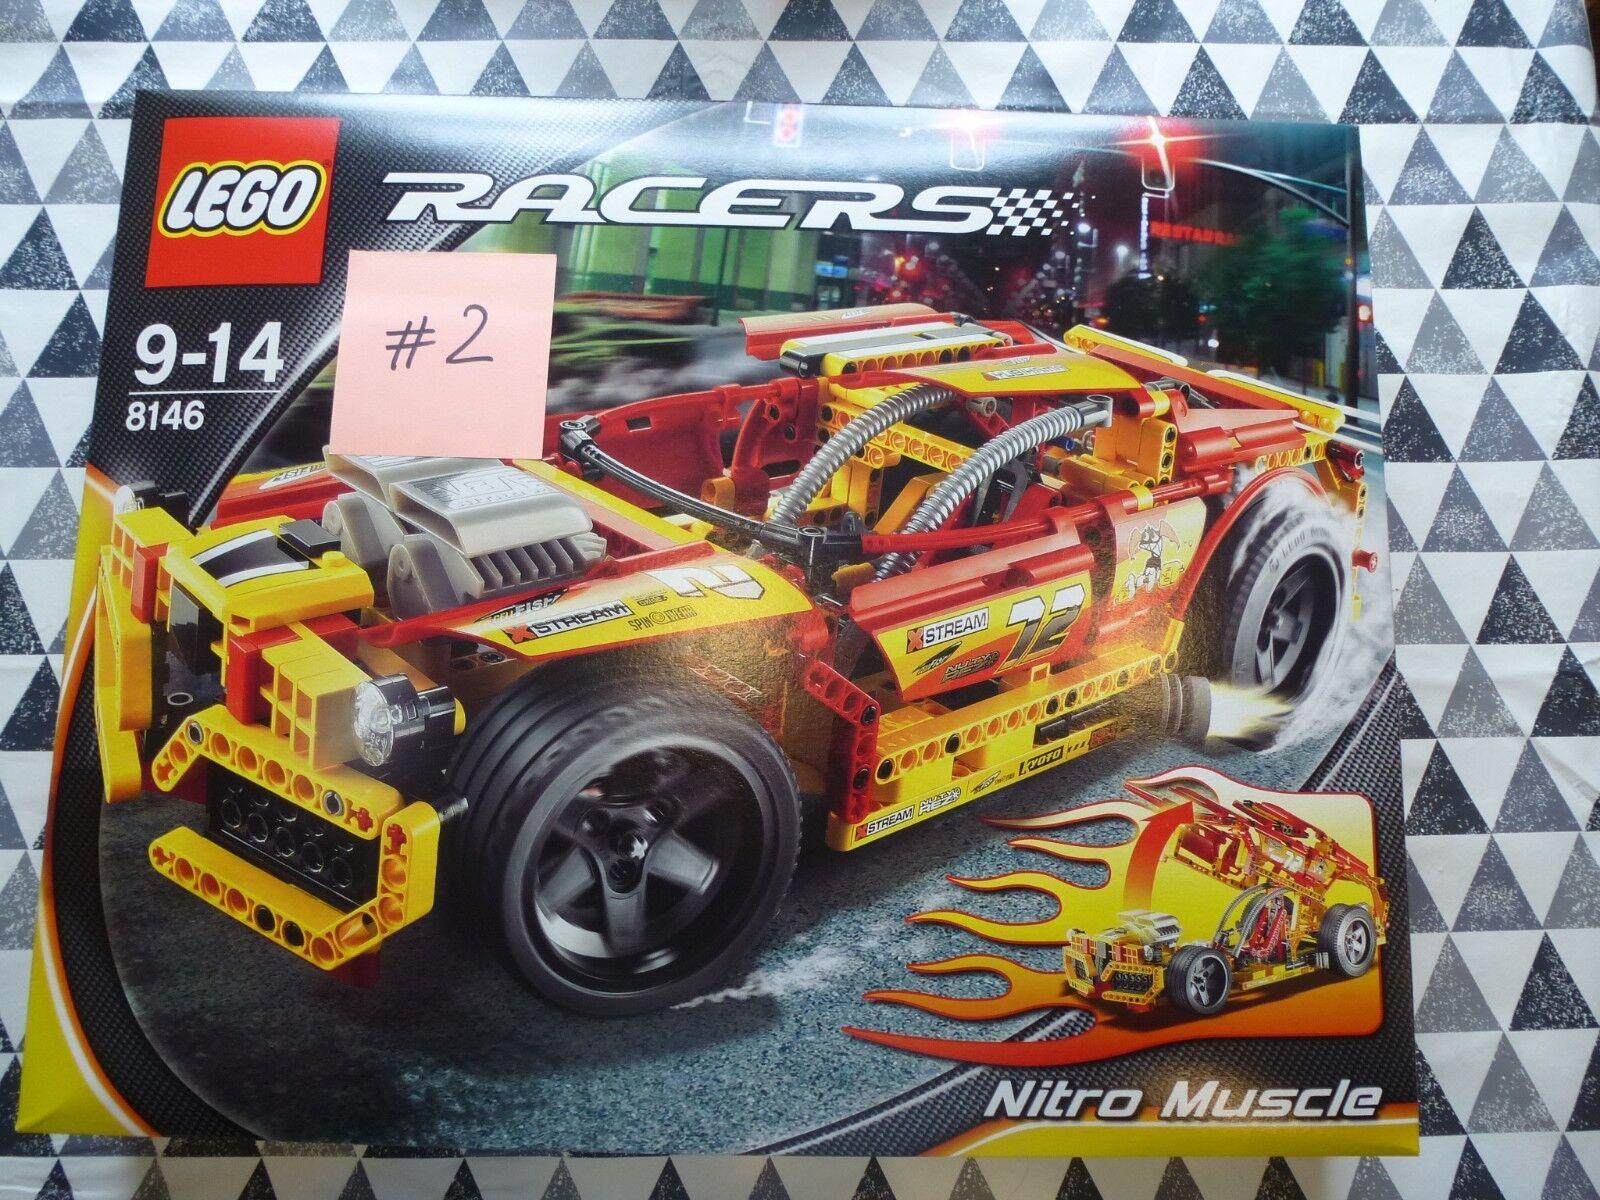 Lego  NOUVEAU  8146 Nitro Muscle Racer 2007  2 unique Arrière Pneus 598 PIECES TECHNIC